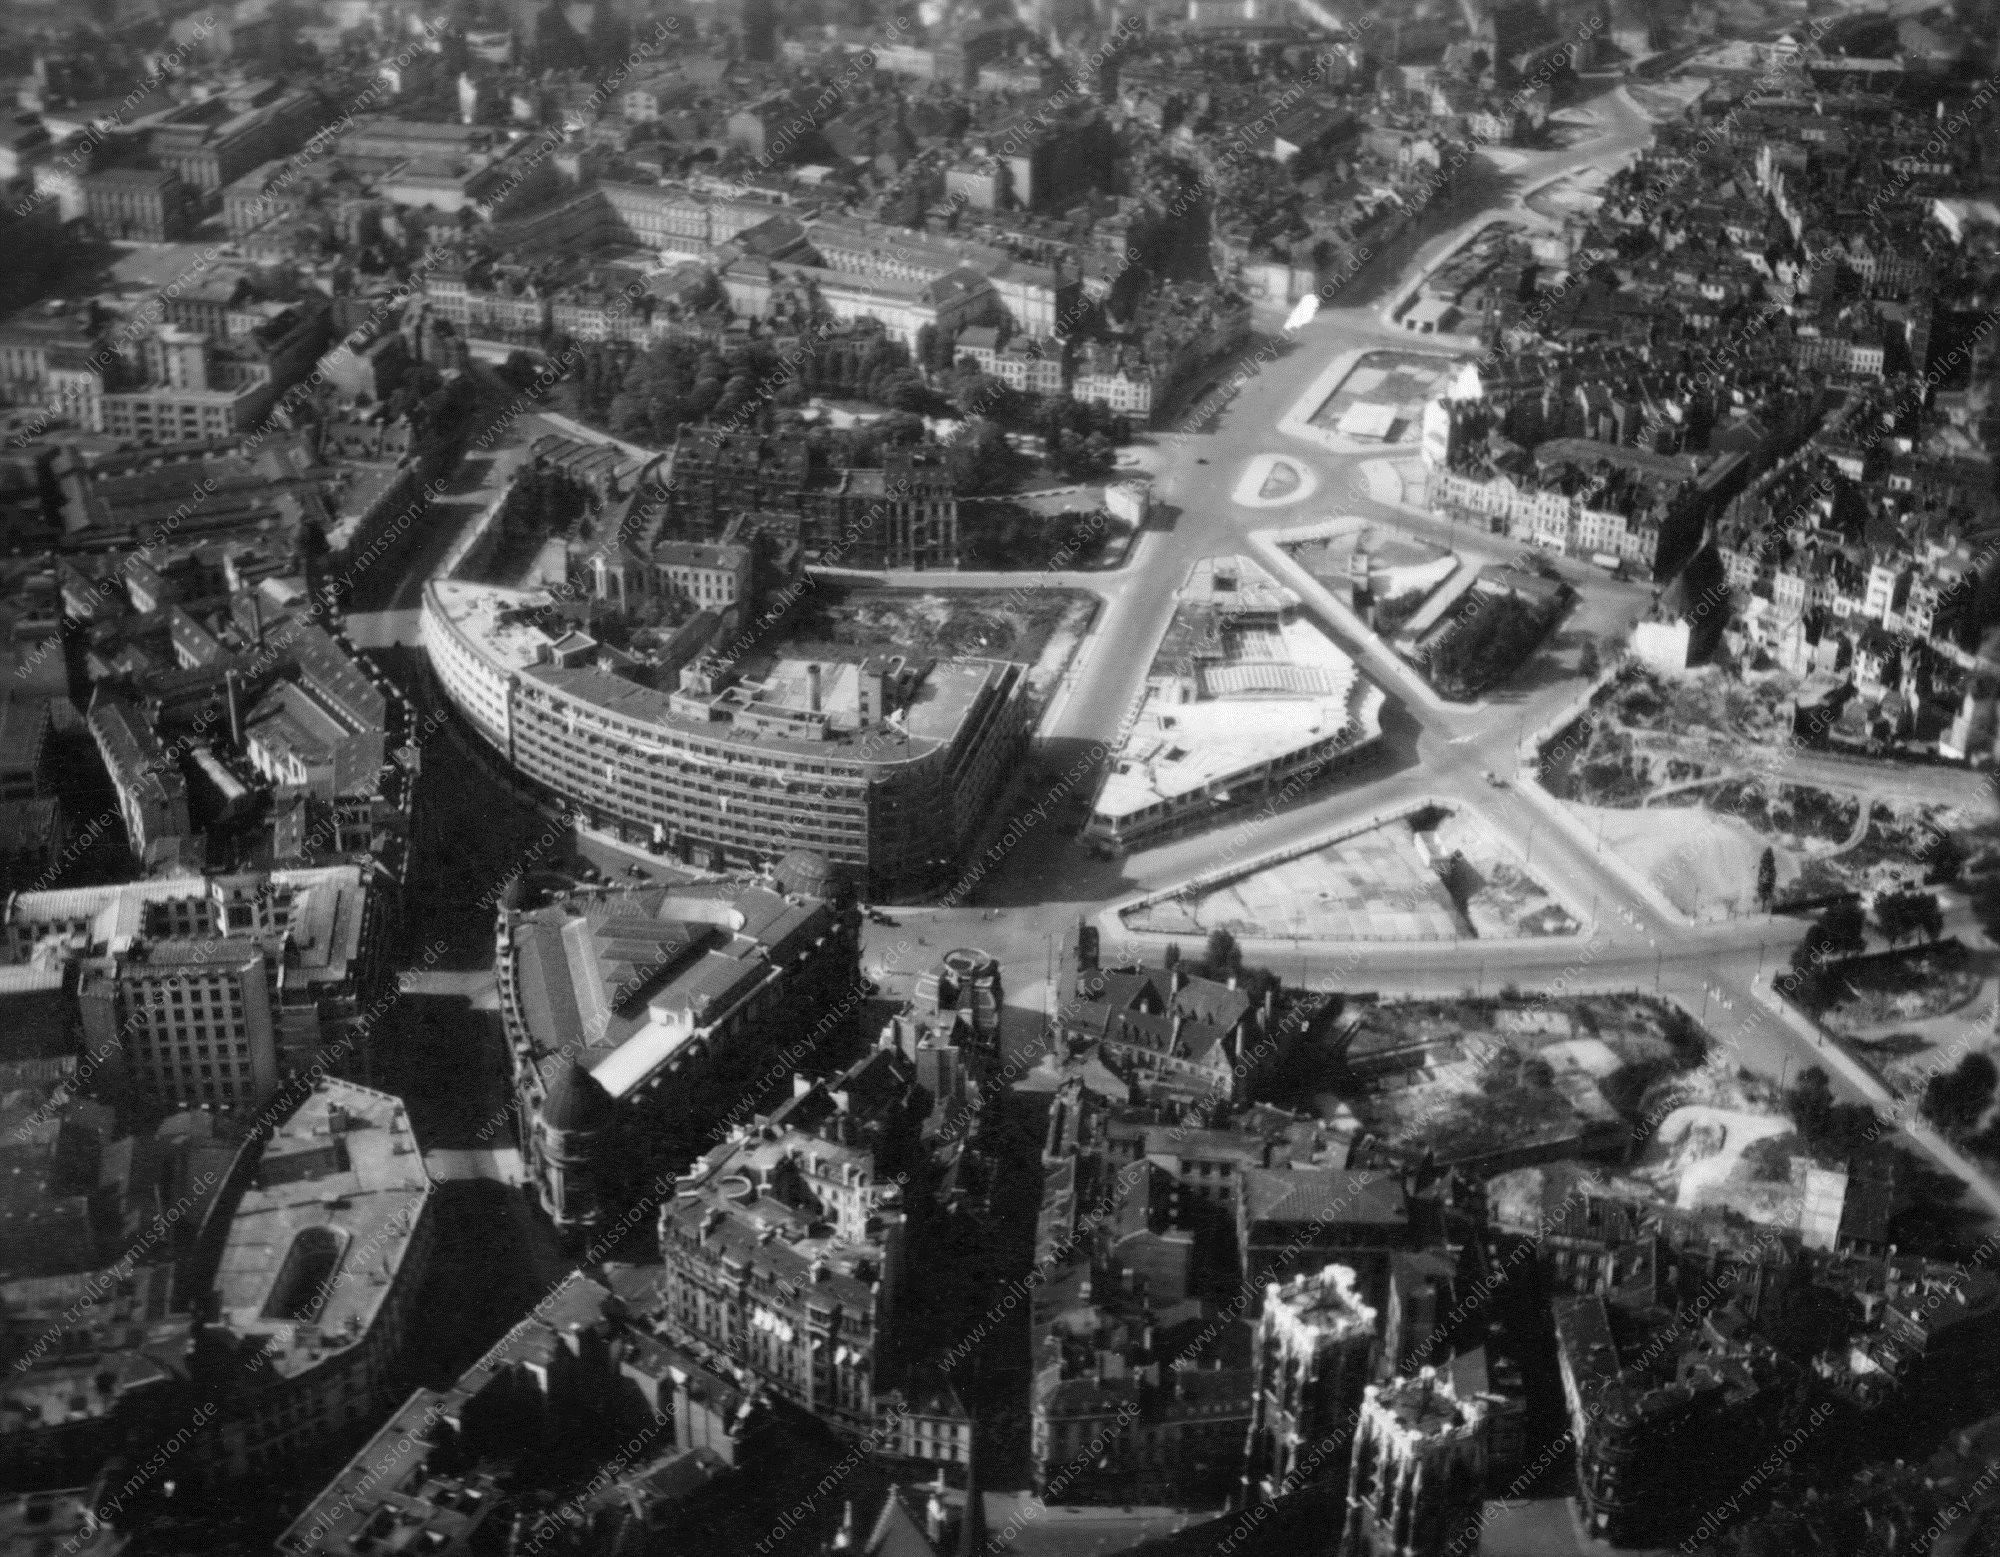 Luftaufnahme von Brüssel mit Kirchturmspitzen der Cathédrale St. Michel et Gudule und der Rue Ravenstein im Weltkrieg (Belgien)